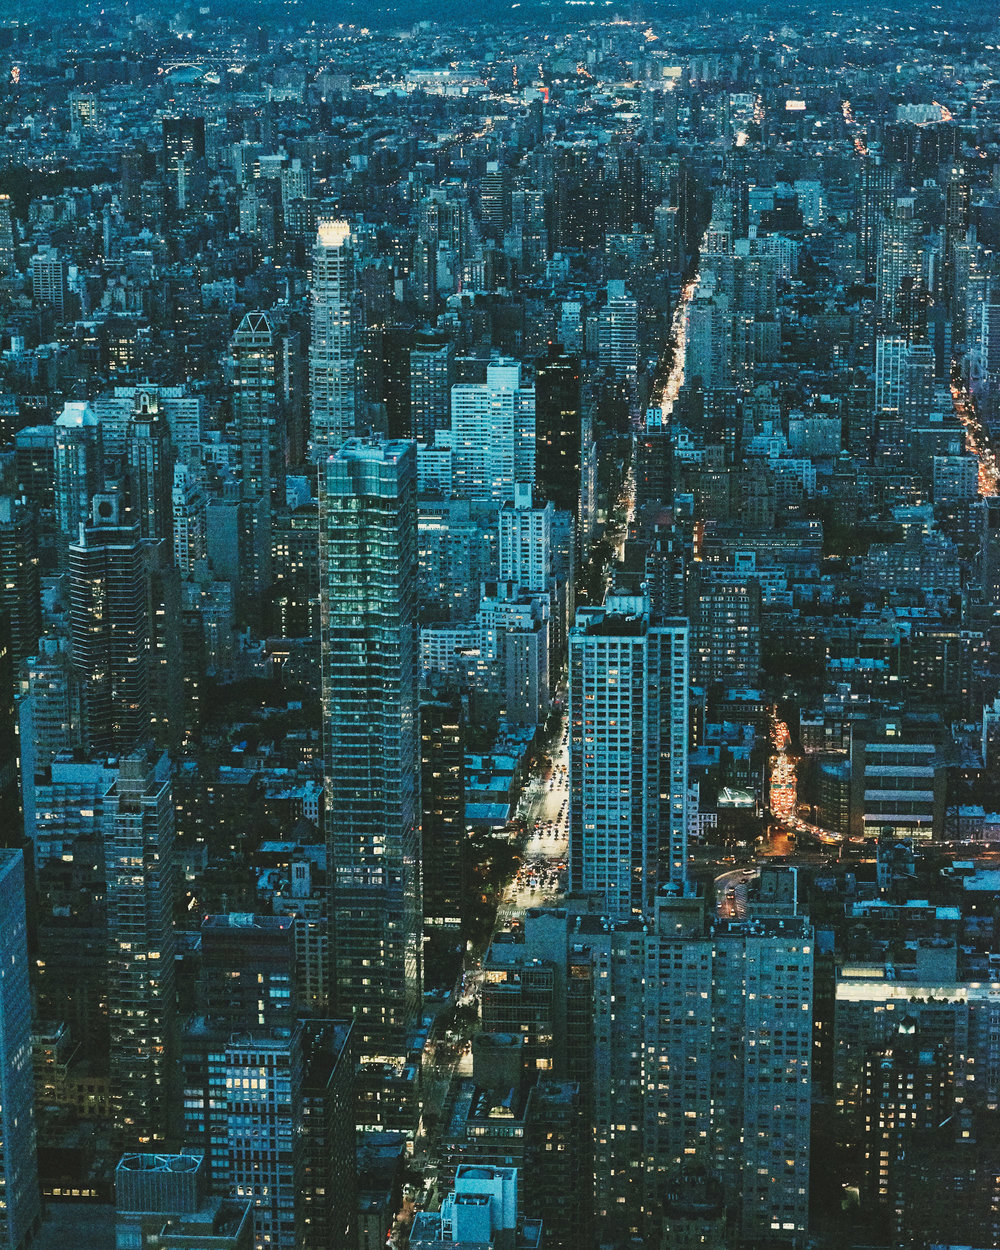 Городская архитектура и жизнь в объективе Кристиана Делфино